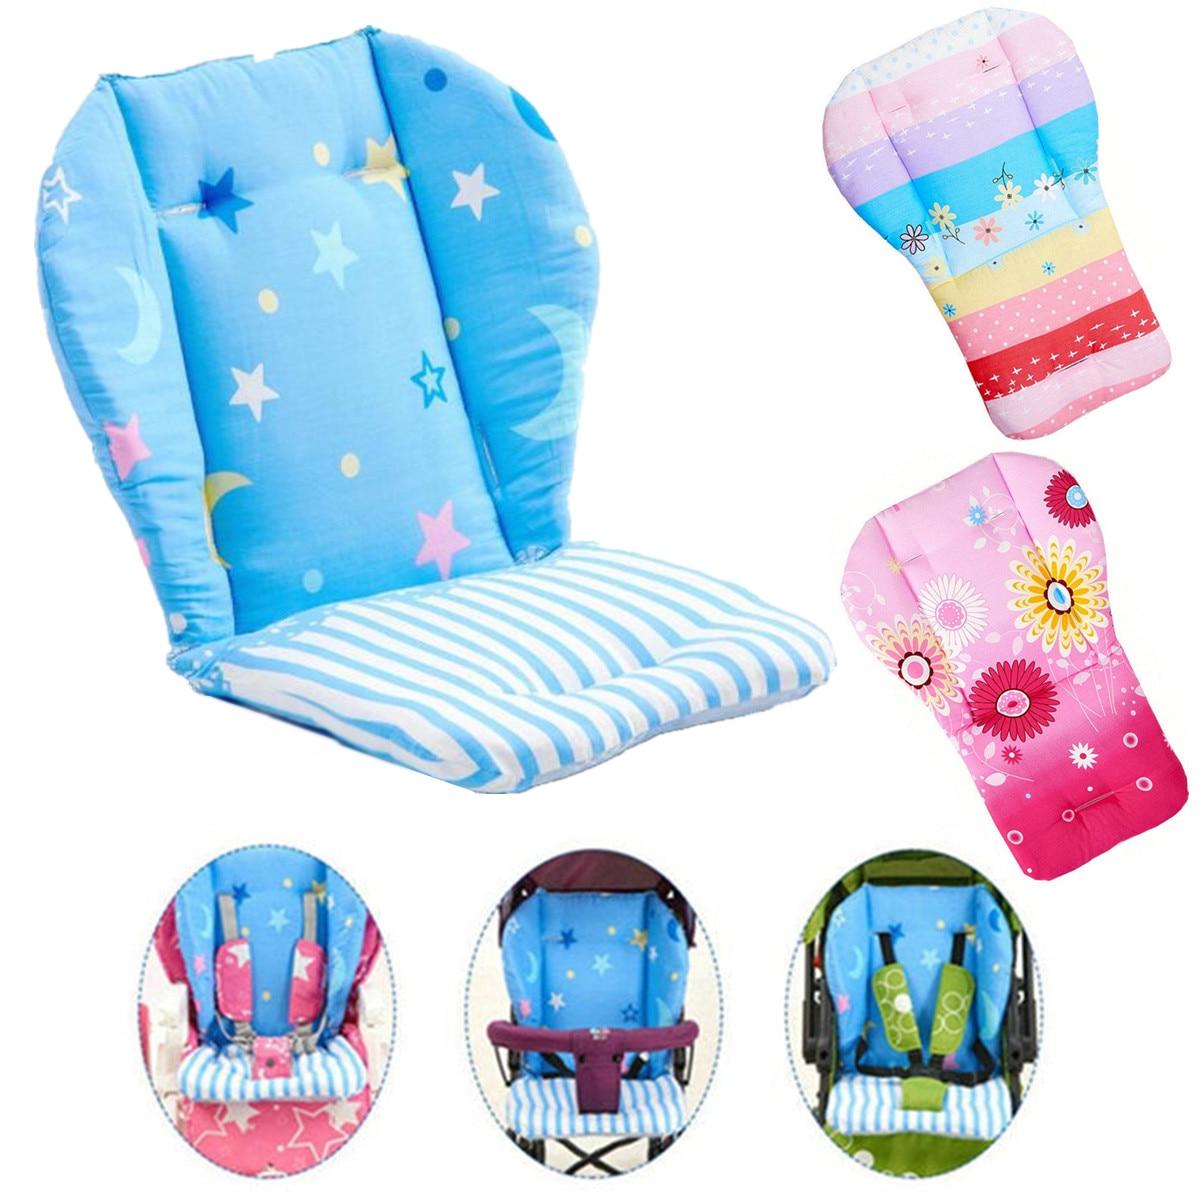 Baby High Chair Cushion Cover Kids Children  Booster Mats Pads Feeding Chair Cushion Stroller Seat Cushion Pure Cotton Fabrics